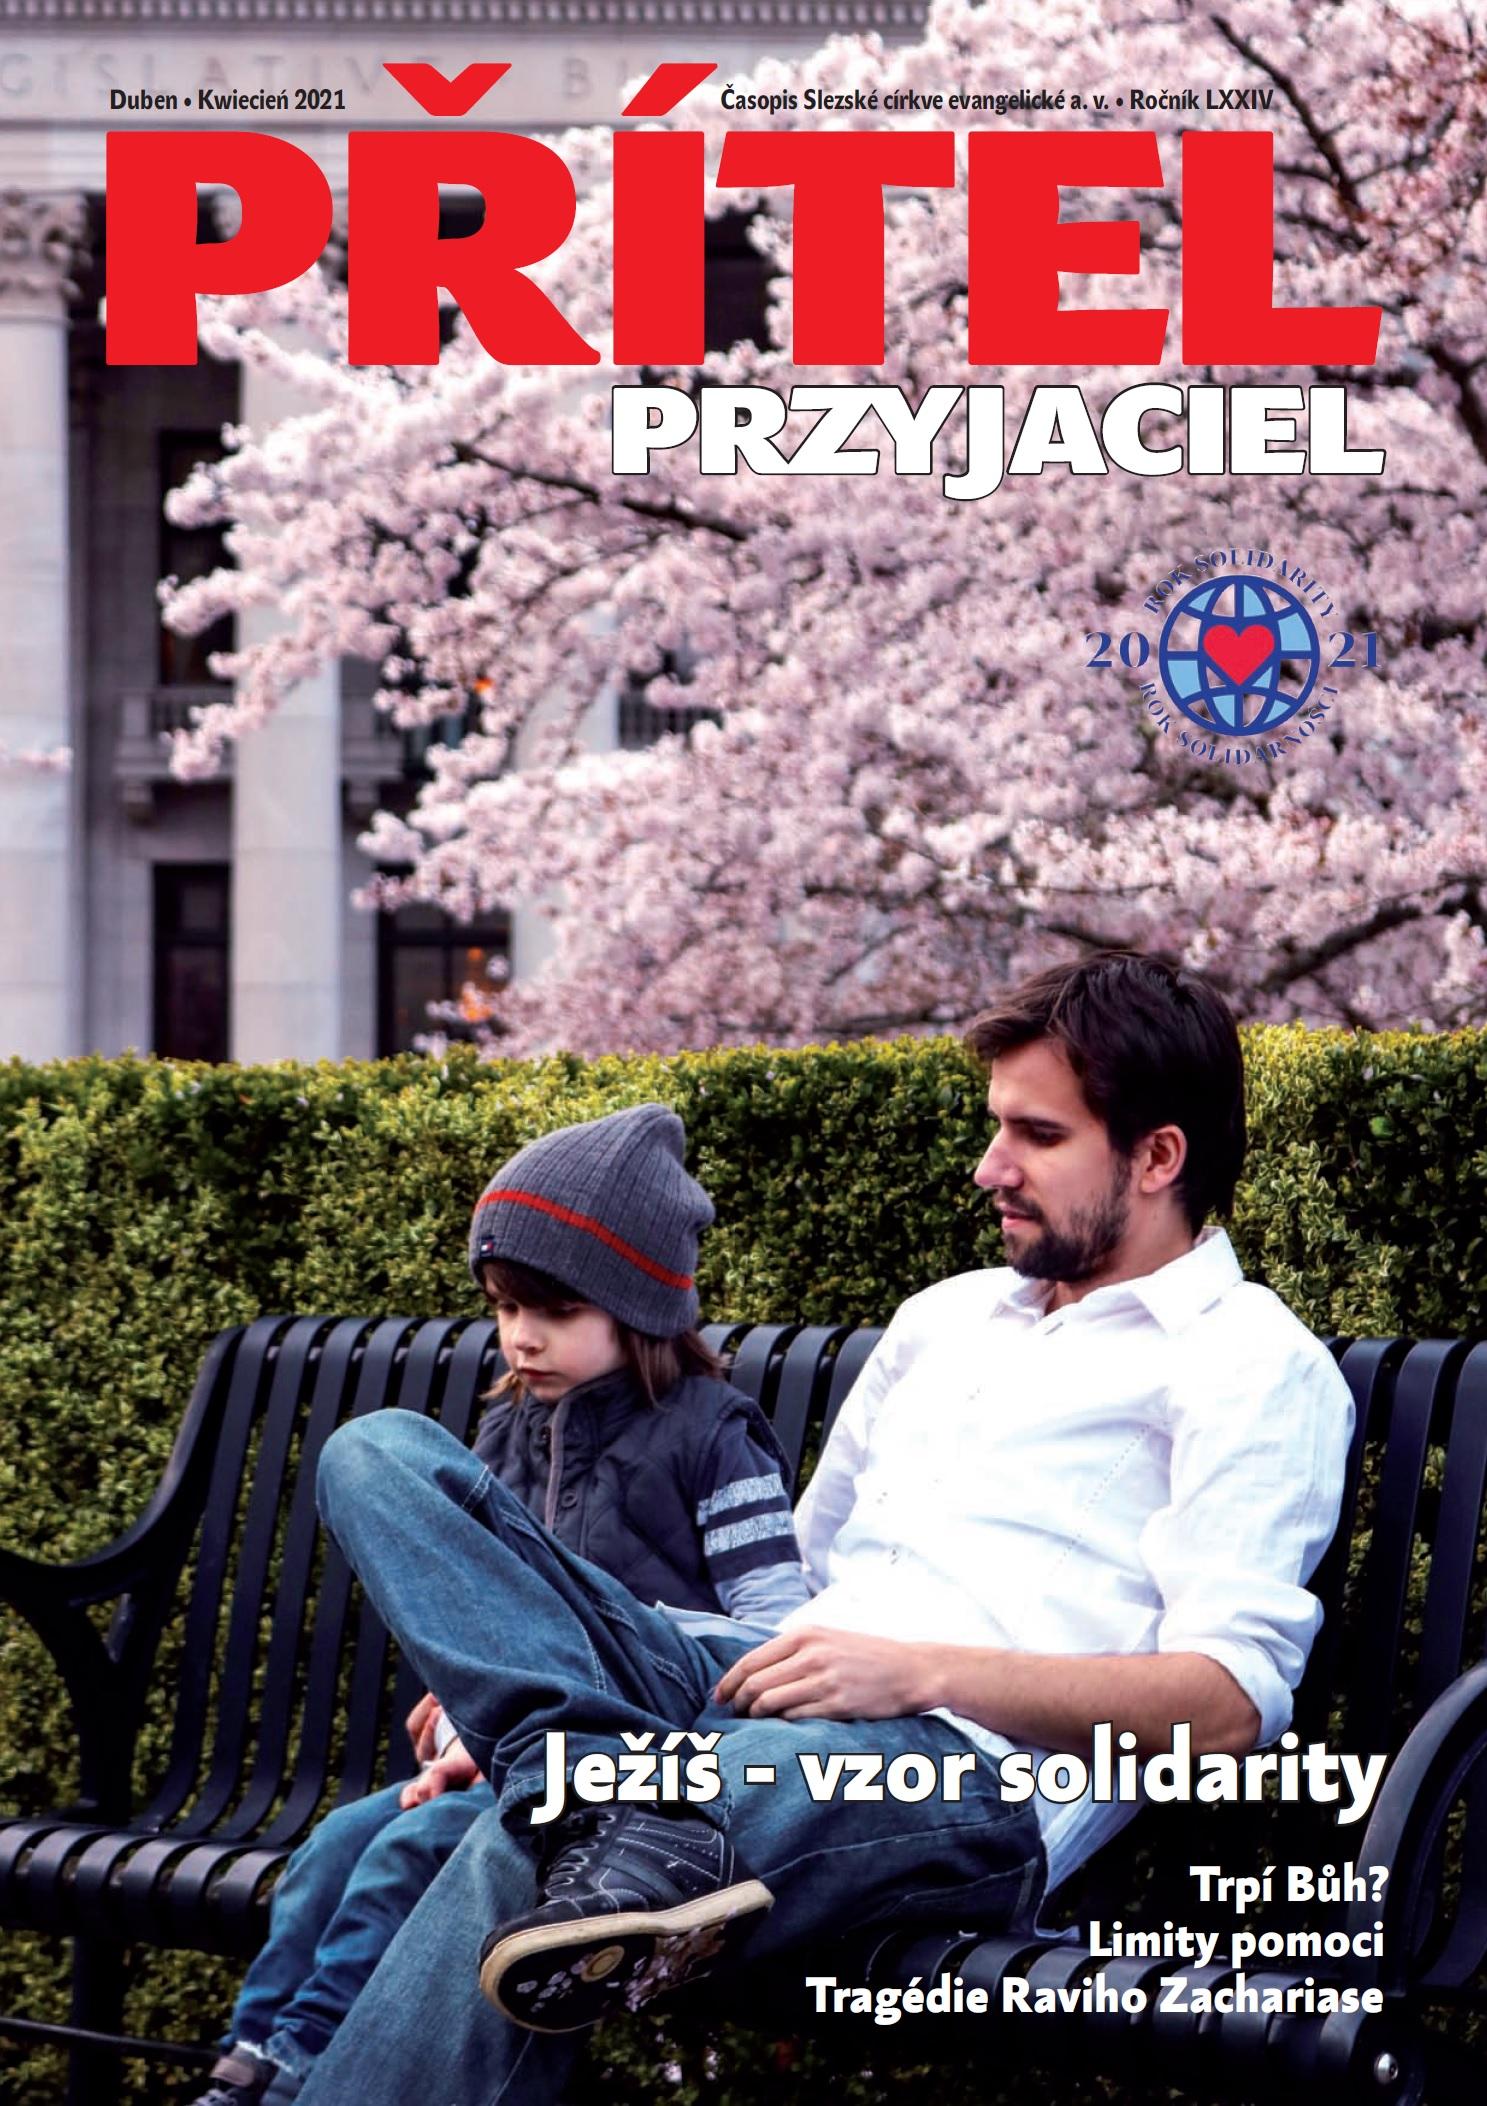 Ježíš – vzor solidarity. Nové číslo Přítele-Przyjaciela